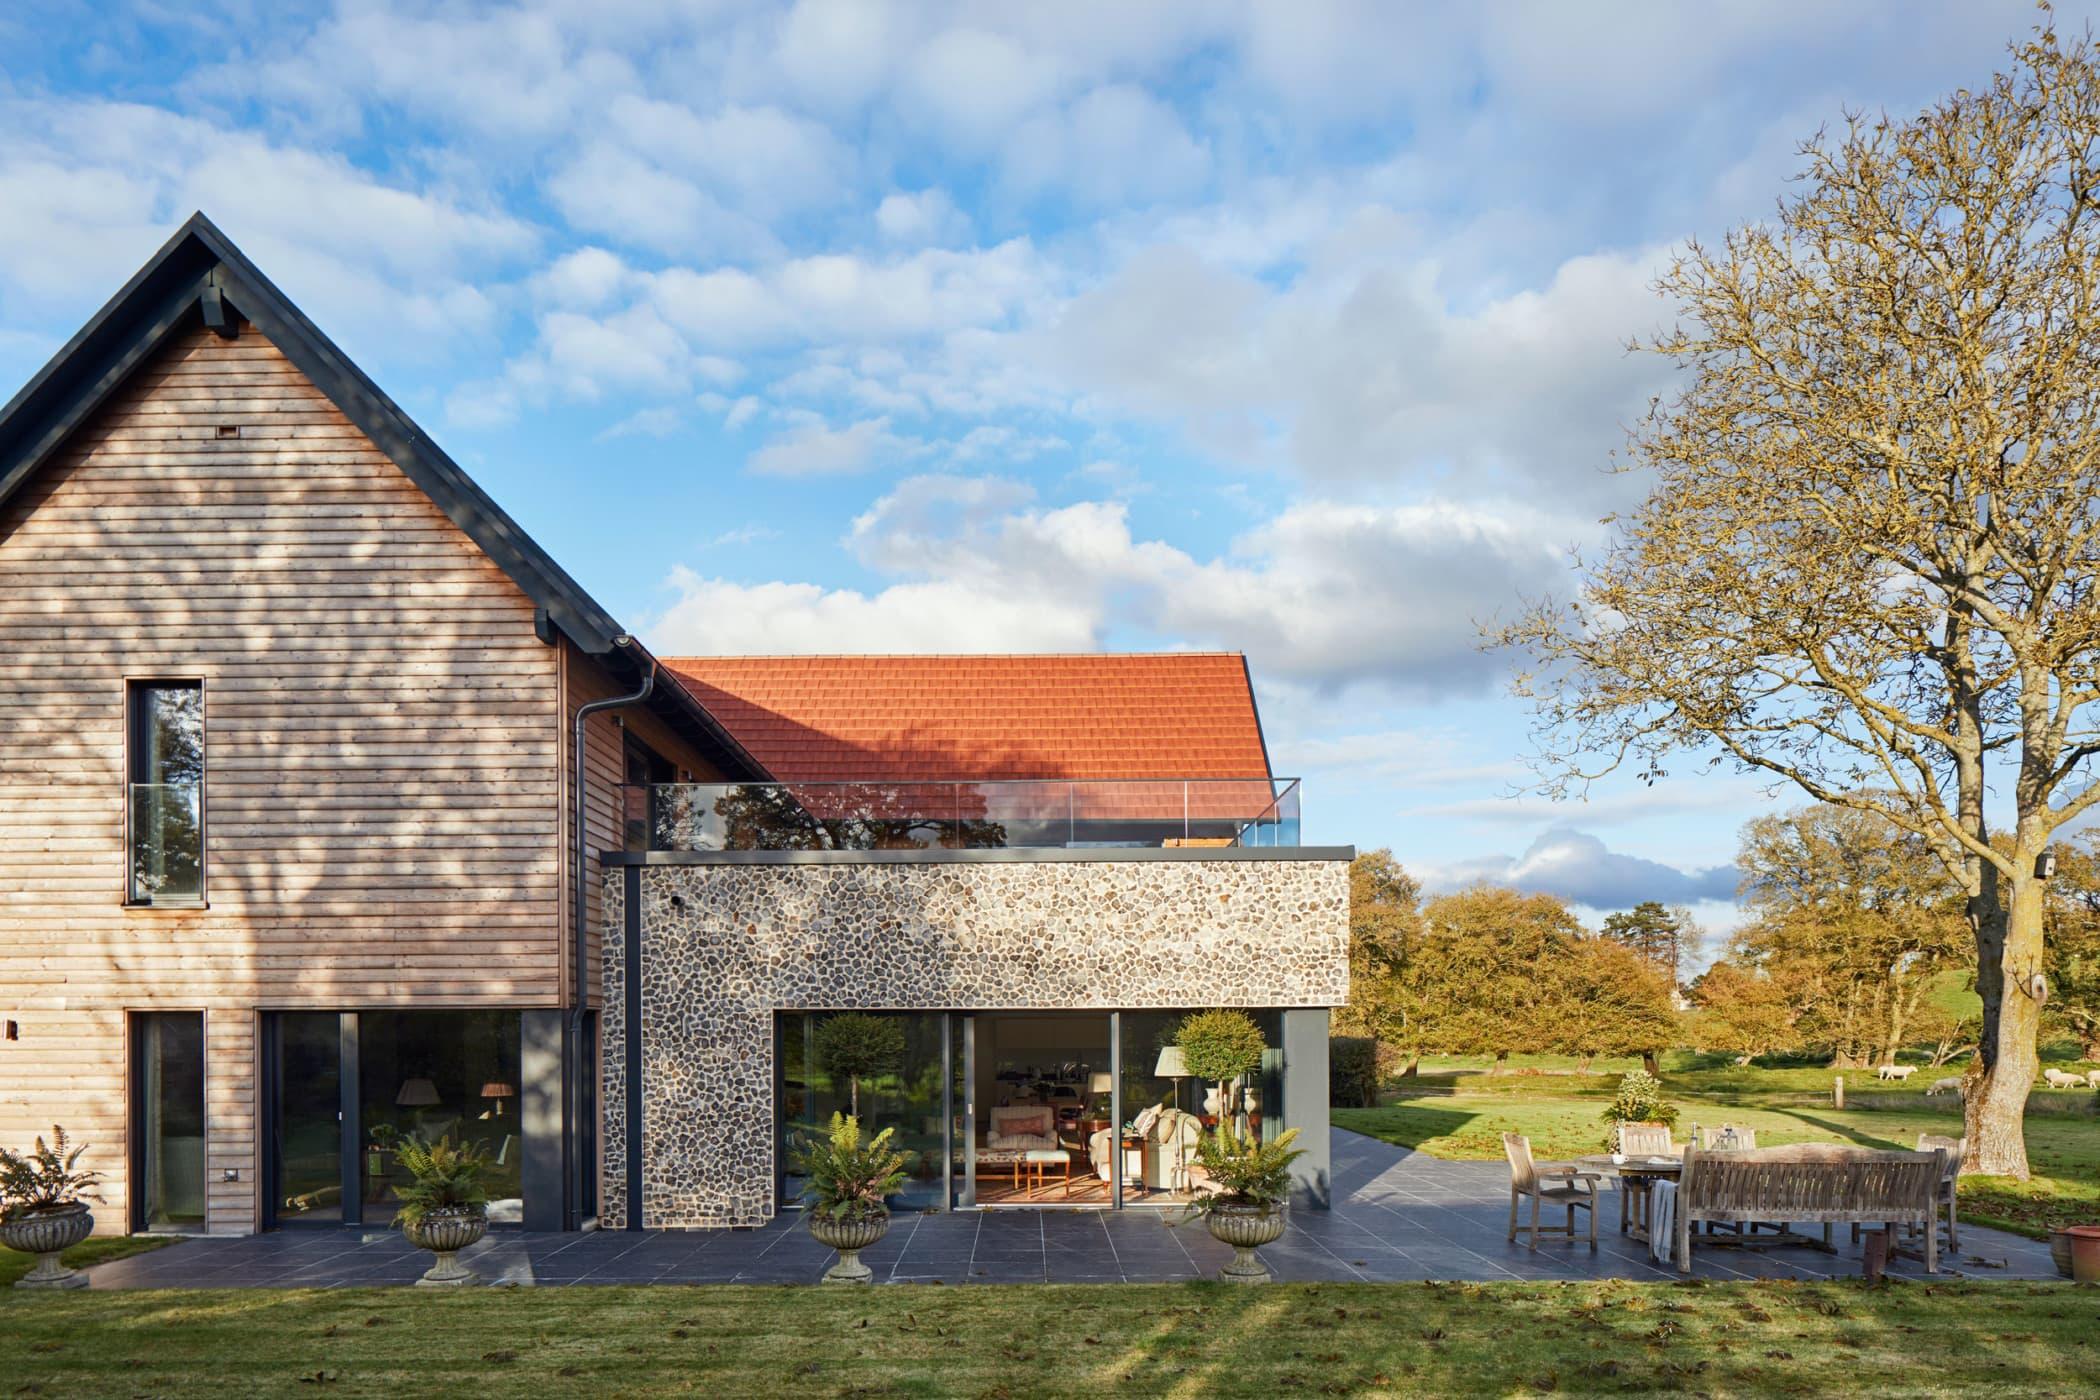 Modernes Einfamilienhaus im Landhausstil mit Satteldach und Erker mit Dachterrasse bauen - Haus Ideen Fertighaus Baufritz Landhaus LLOYD WEBBER - HausbauDirekt.de